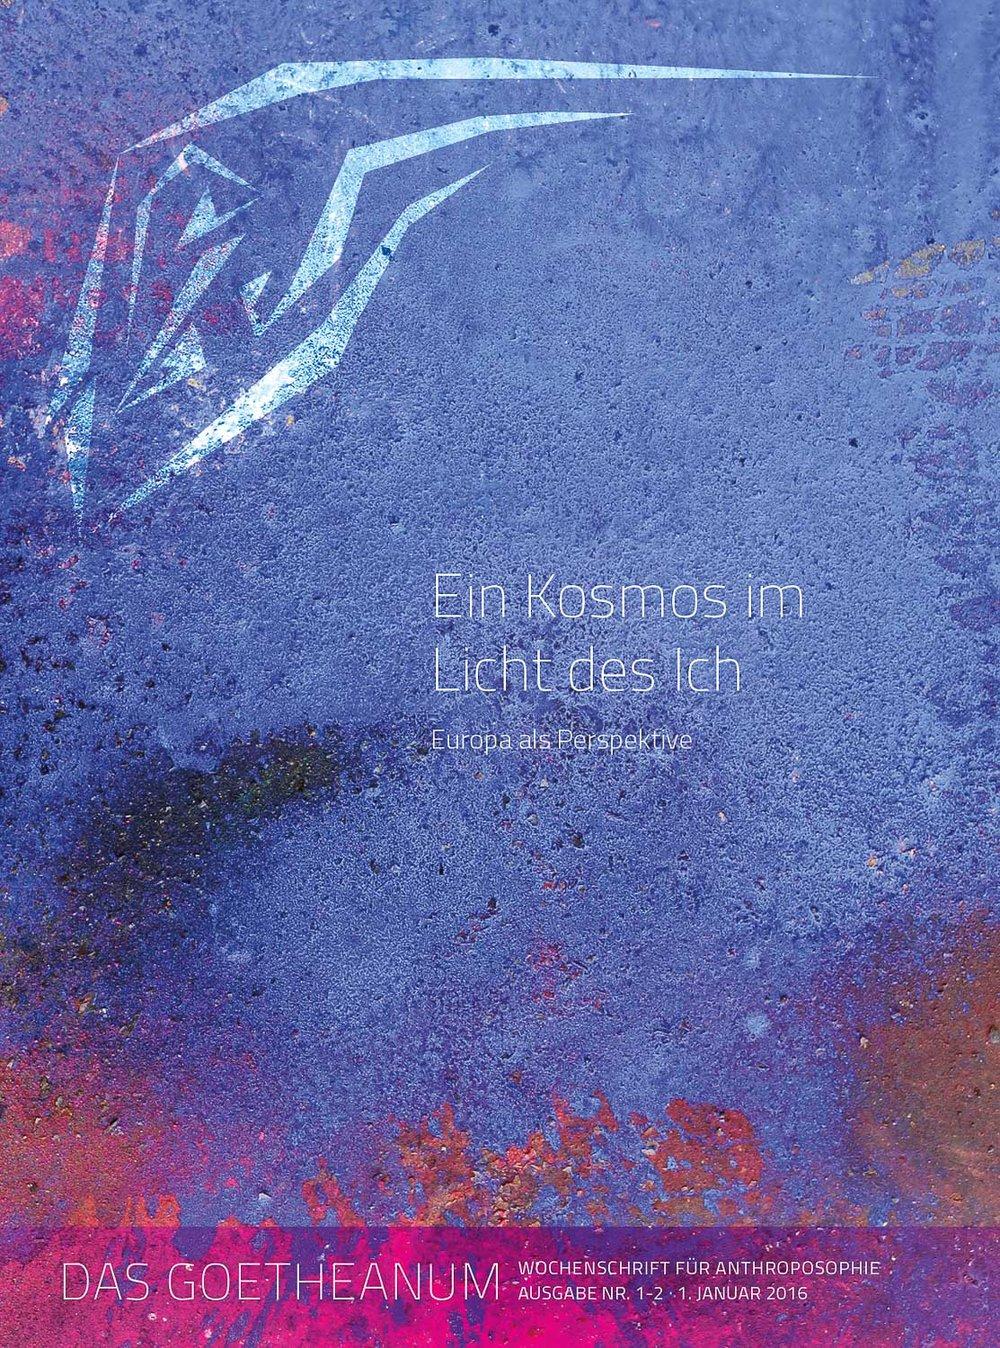 G2015-01-02_Cover_Europa.jpg